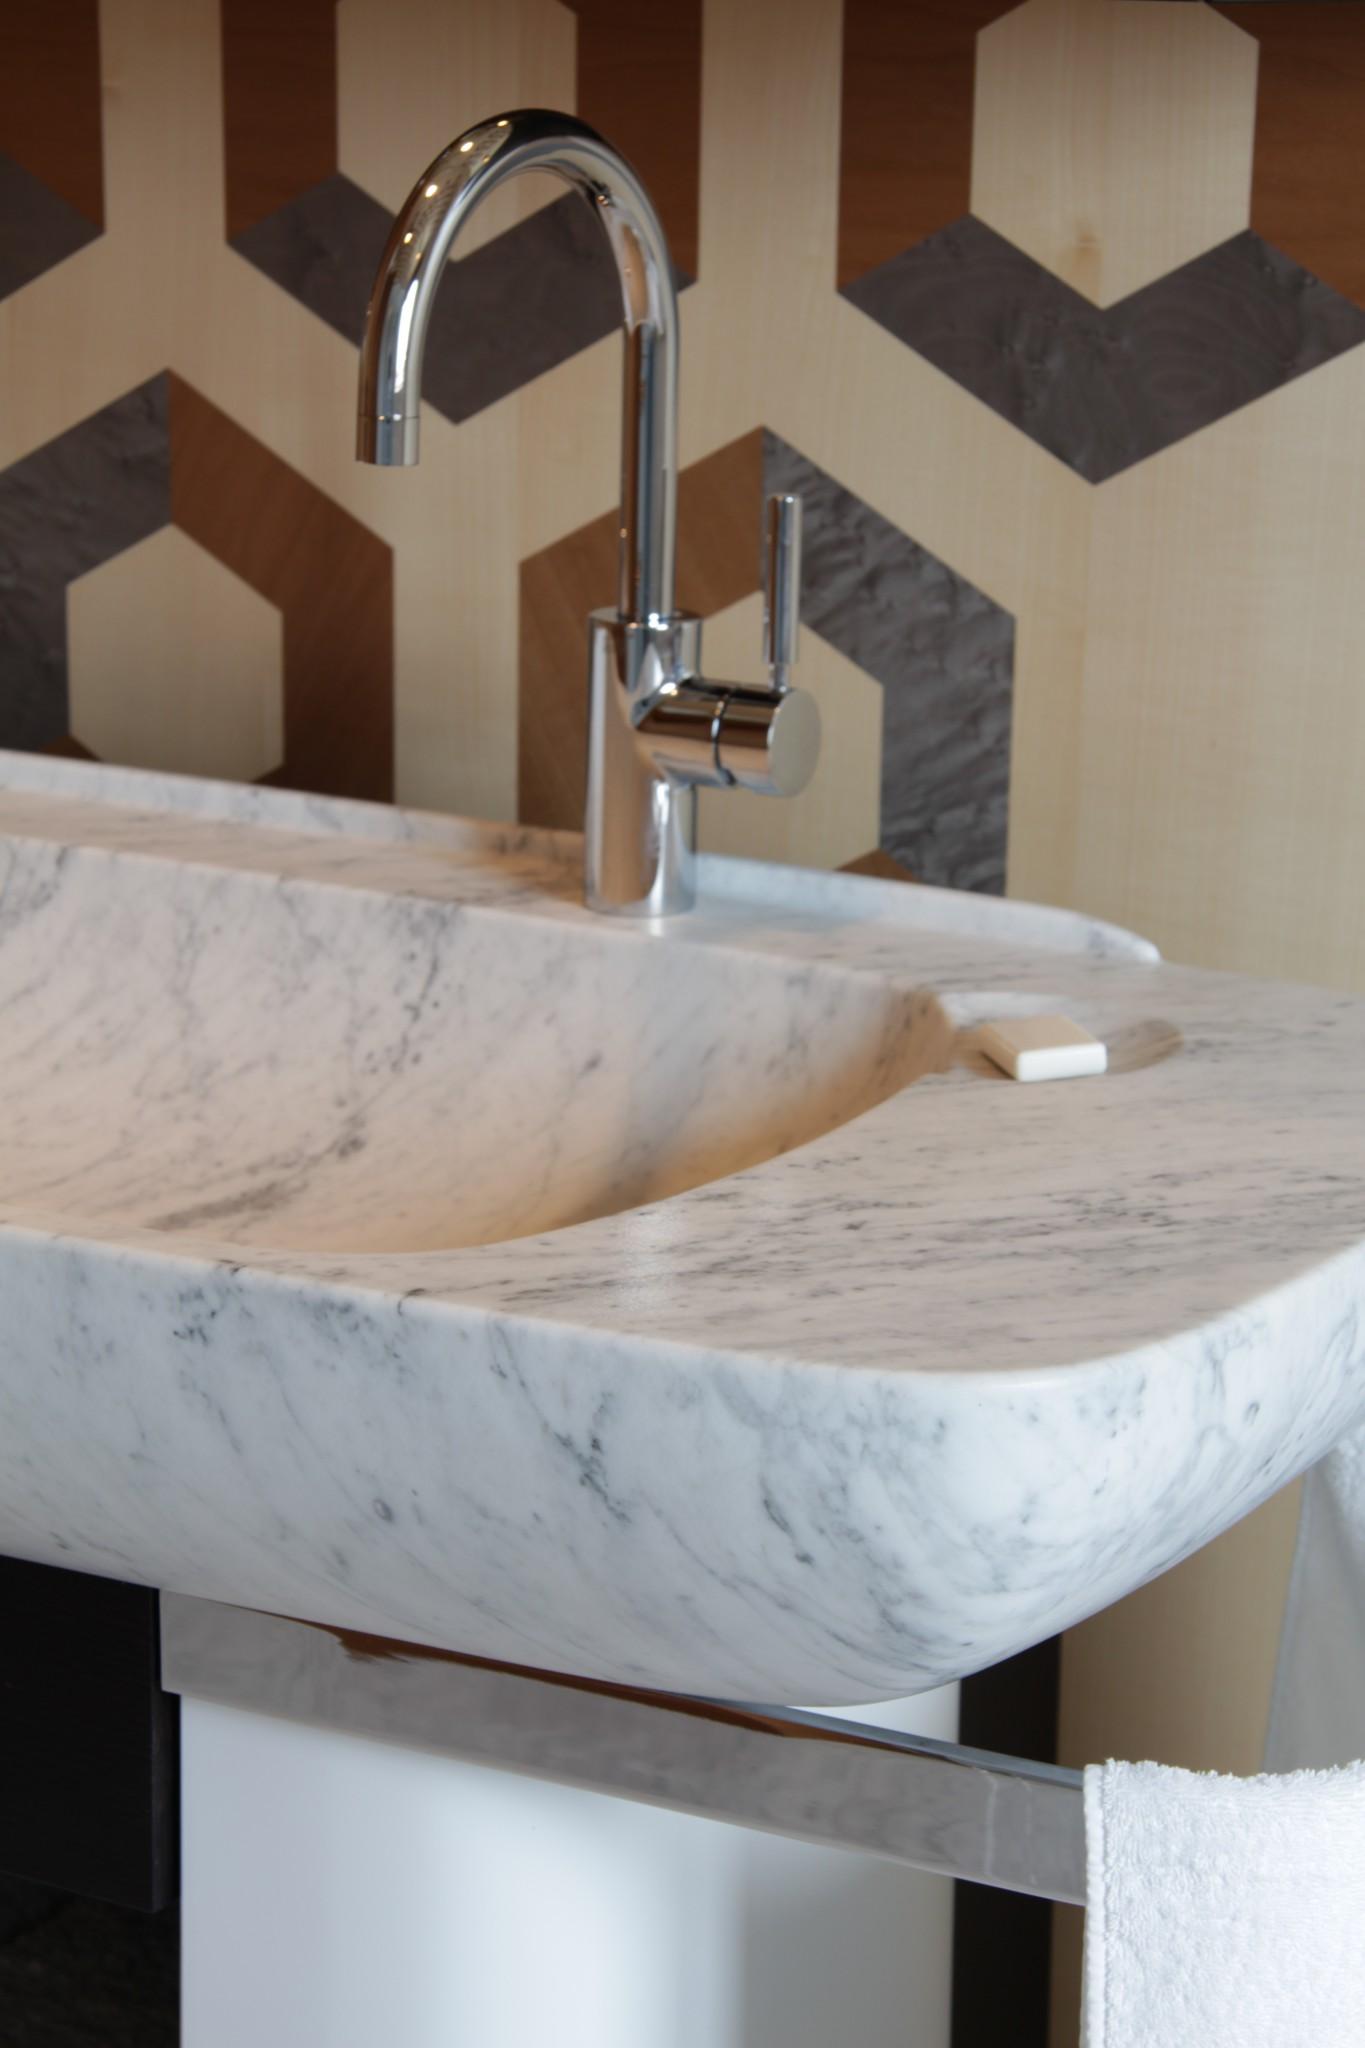 Lavabo in marmo su casa privata (Marmo Valmalenco)